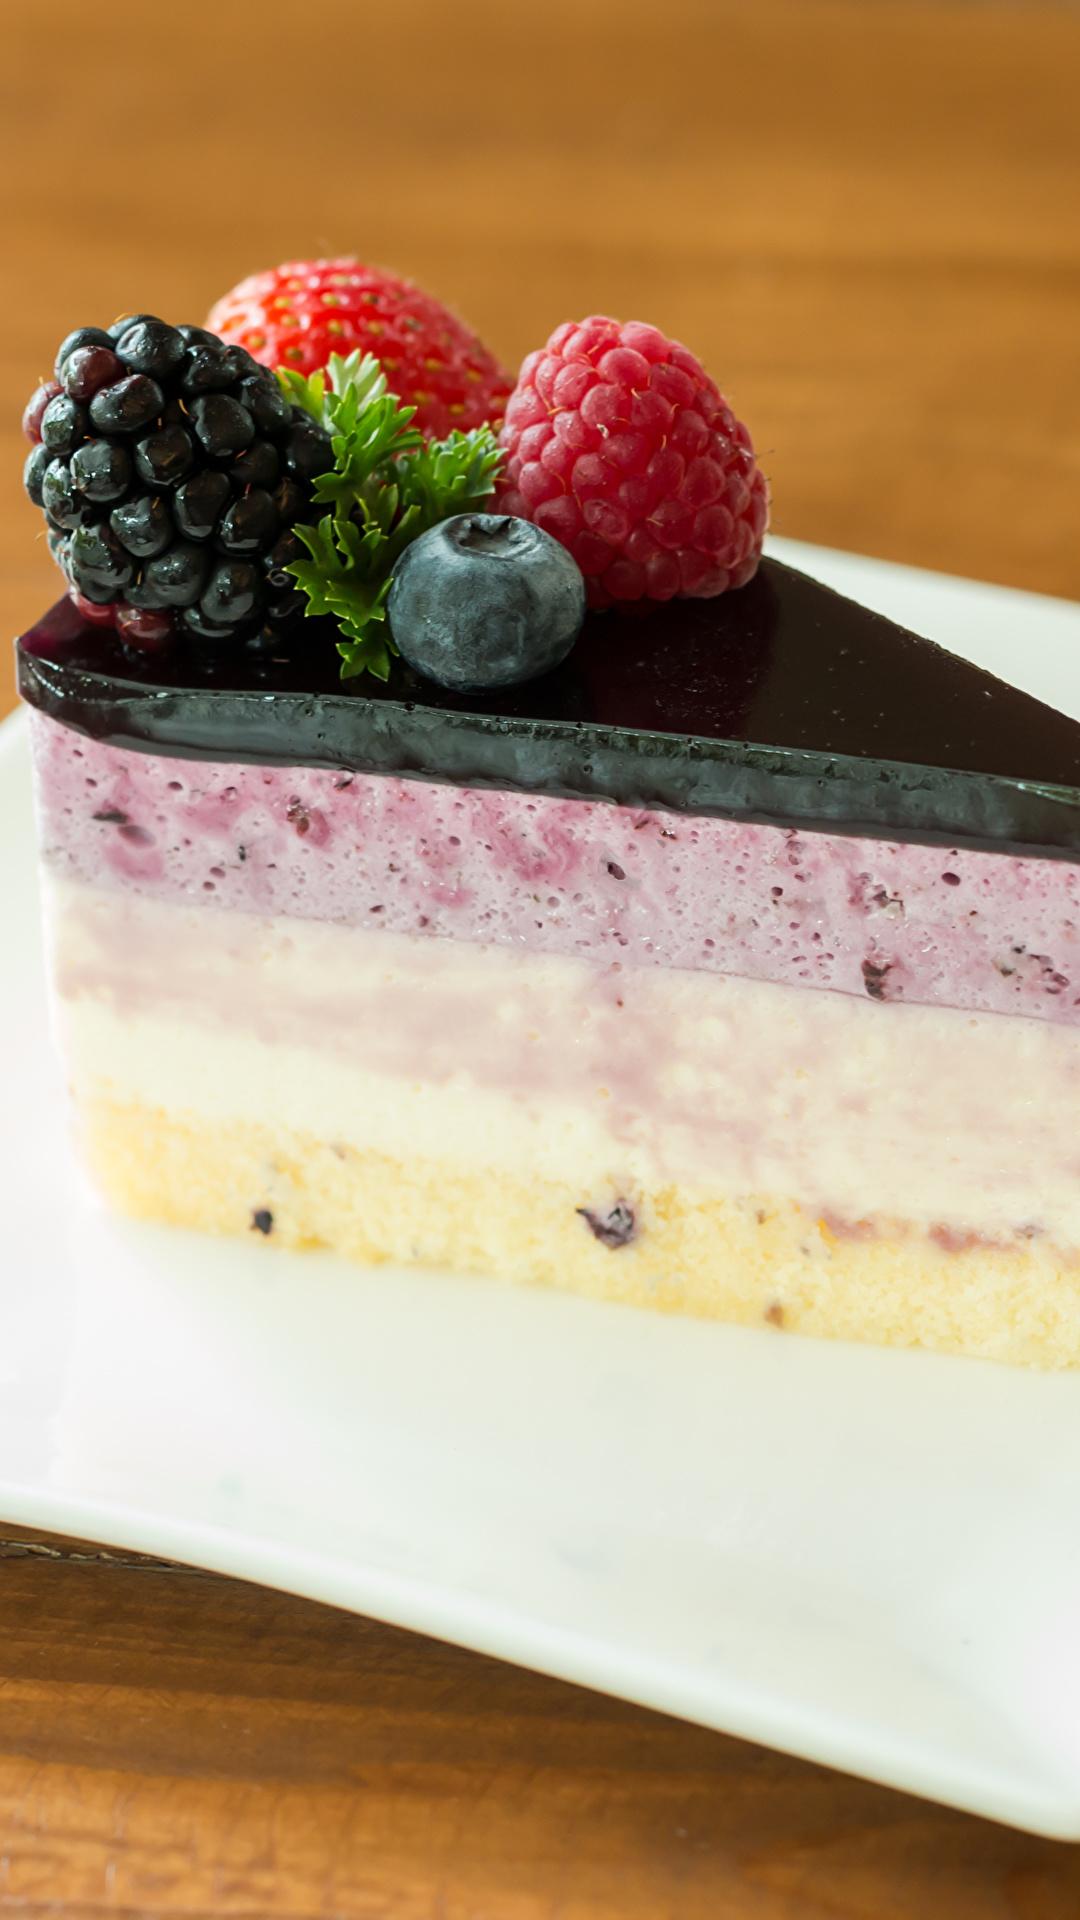 Фотографии Торты Кусок Десерт Еда Ягоды Тарелка 1080x1920 часть кусочки кусочек Пища тарелке Продукты питания